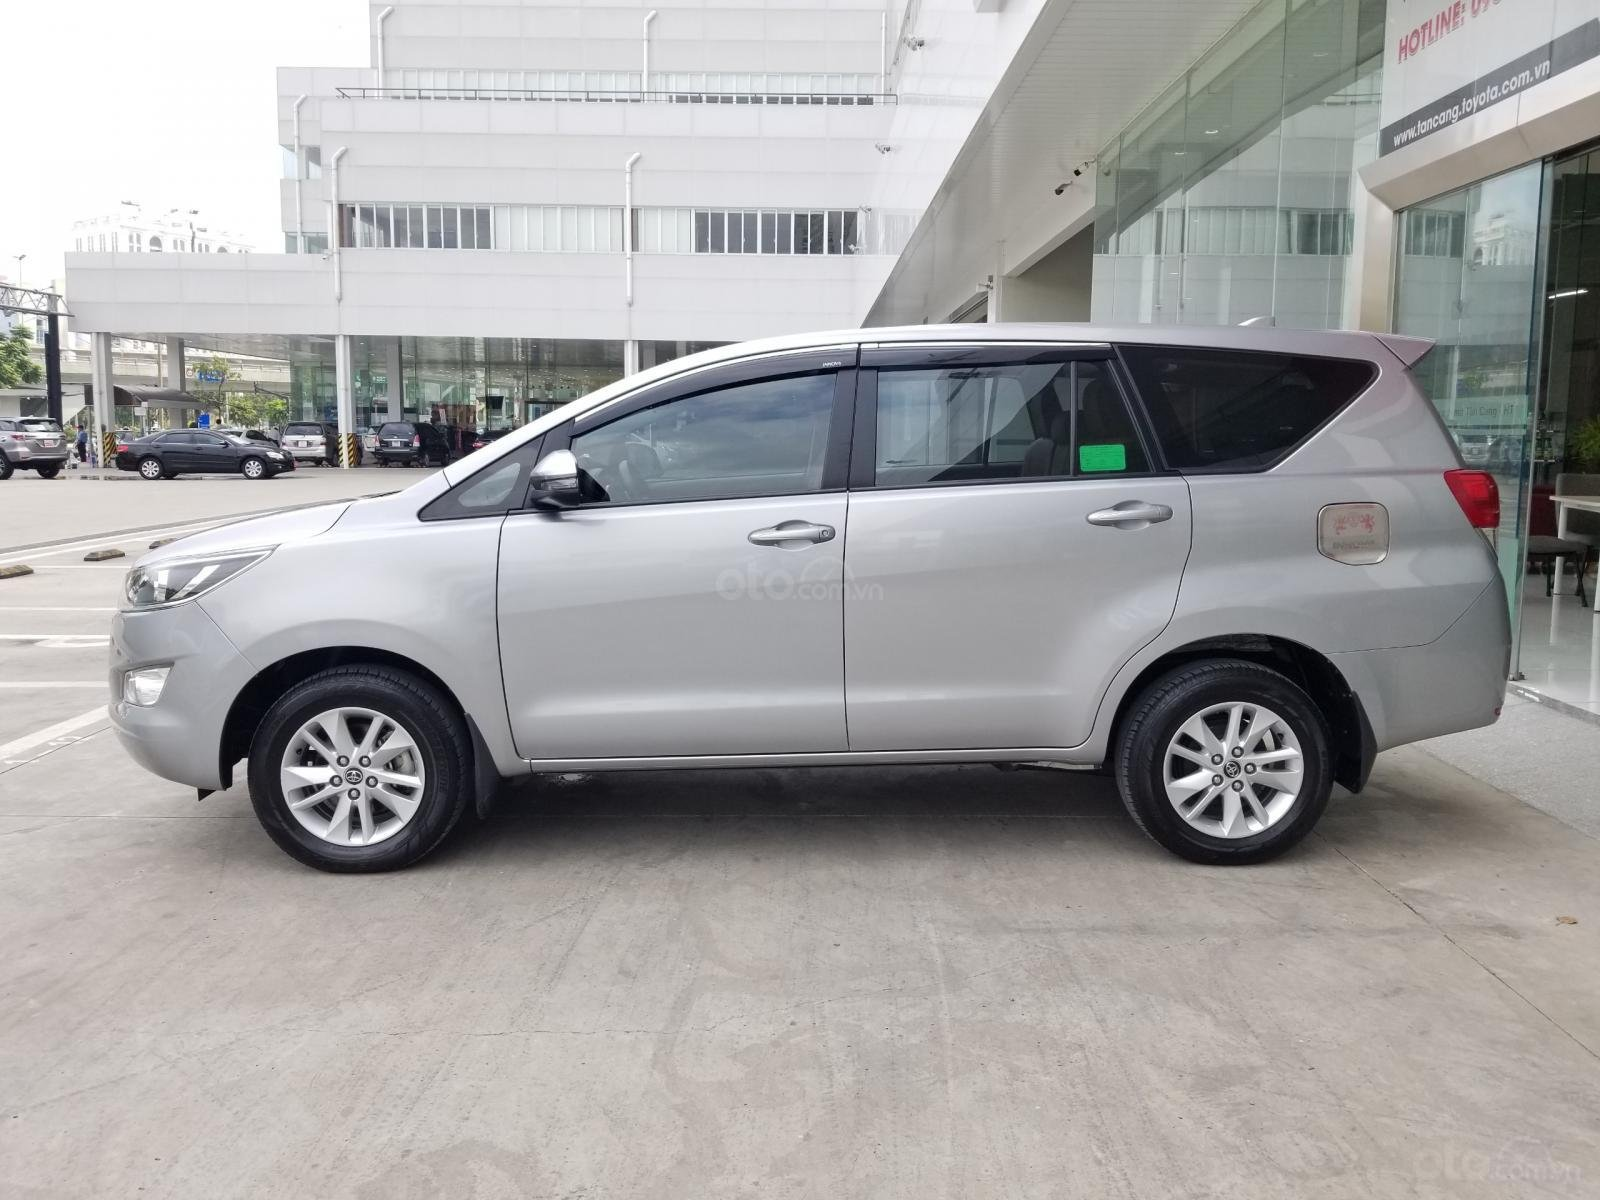 Cần bán xe Toyota Innova 2.0E 2019, màu bạc, xe gia đình HCM đi 45.000km - Xe chất giá tốt (3)